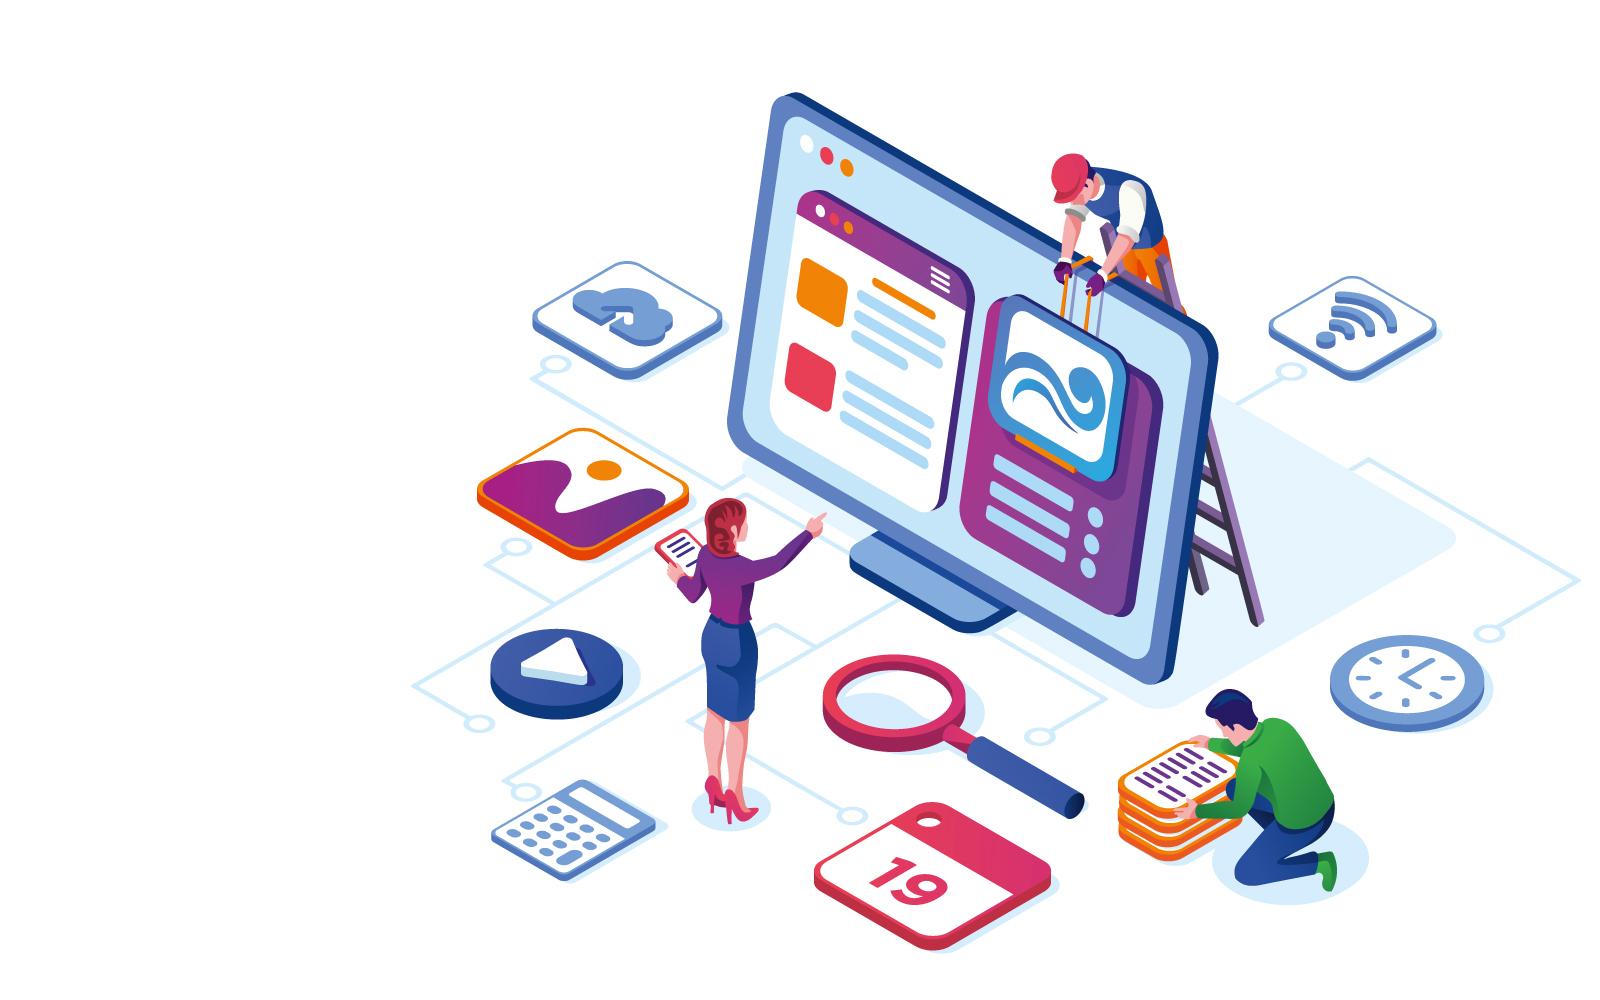 Débat. Les plateformes numériques améliorent-elles l'économie de marché?